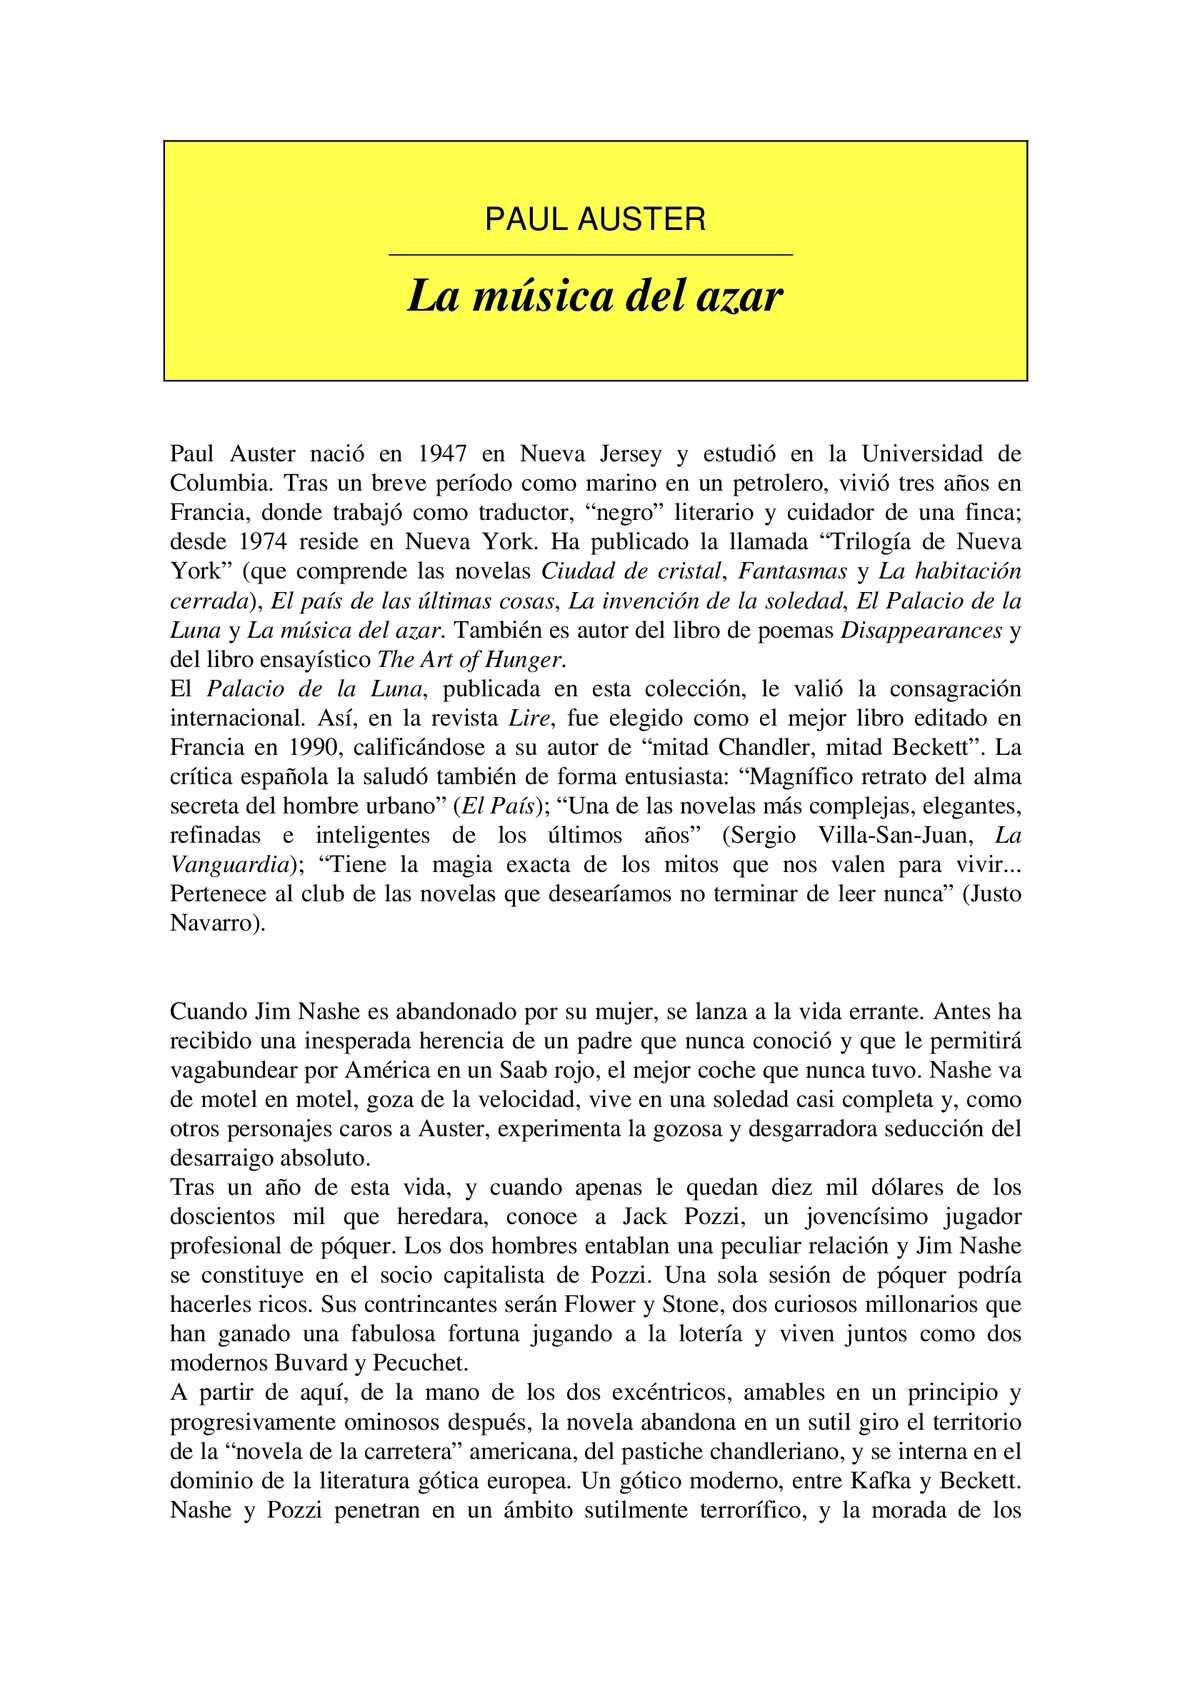 Stake apuestas tragamonedas por dinero real Braga-811455